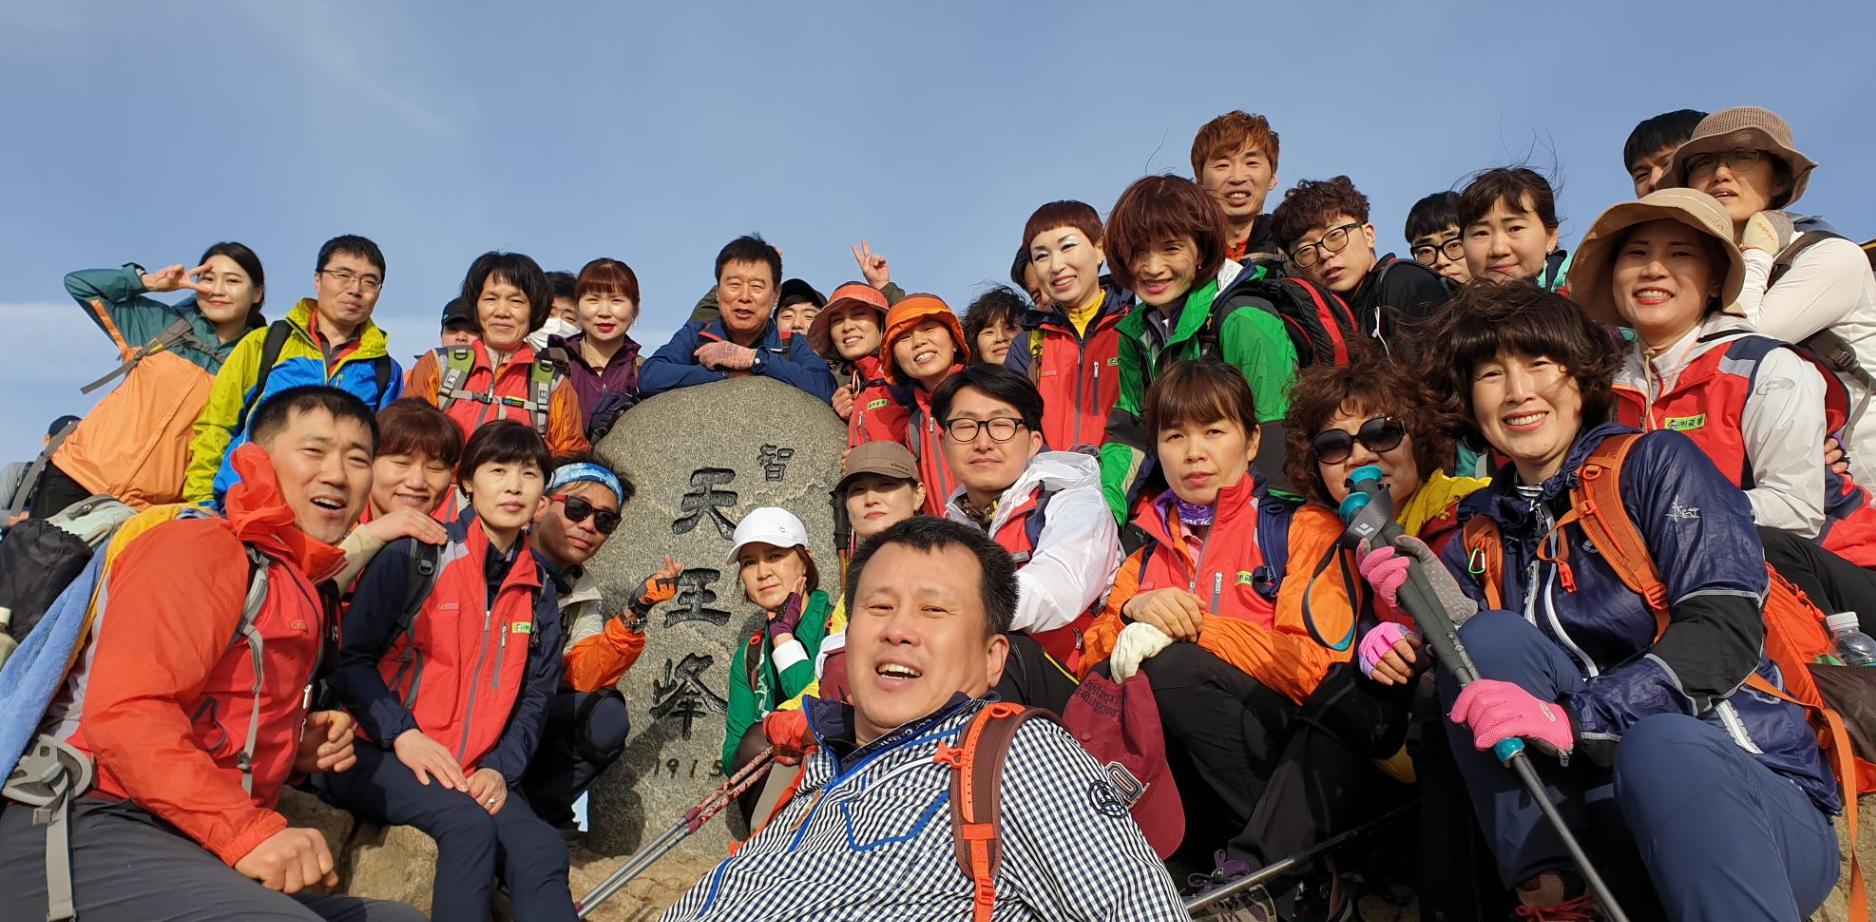 2019년 지리산 천왕봉등정(6월 1일)